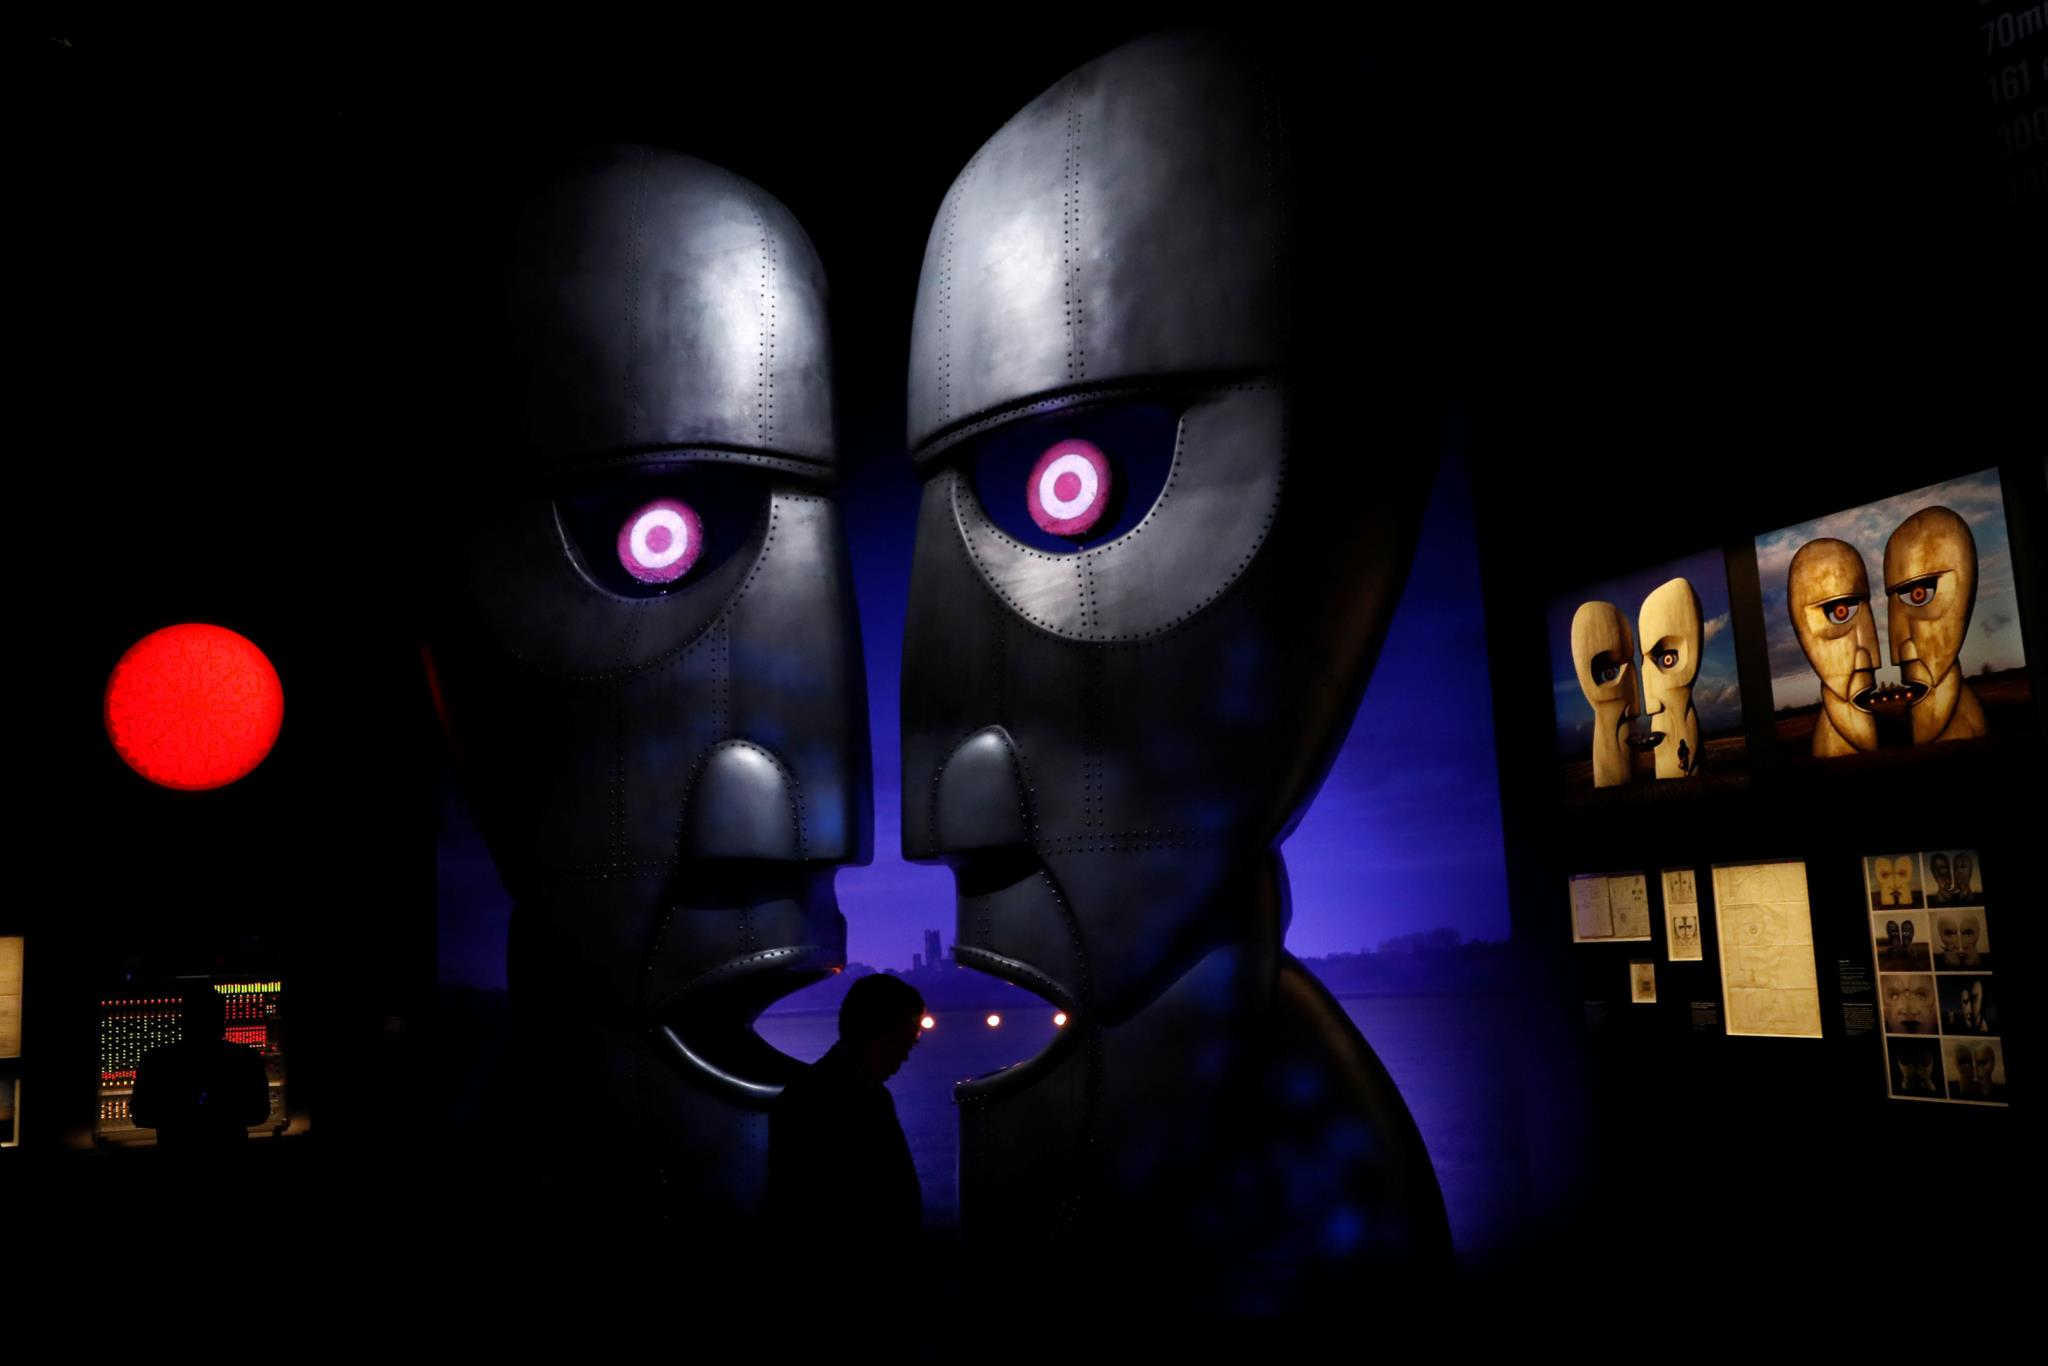 PÚBLICO - Mergulhar no corpo artístico dos Pink Floyd